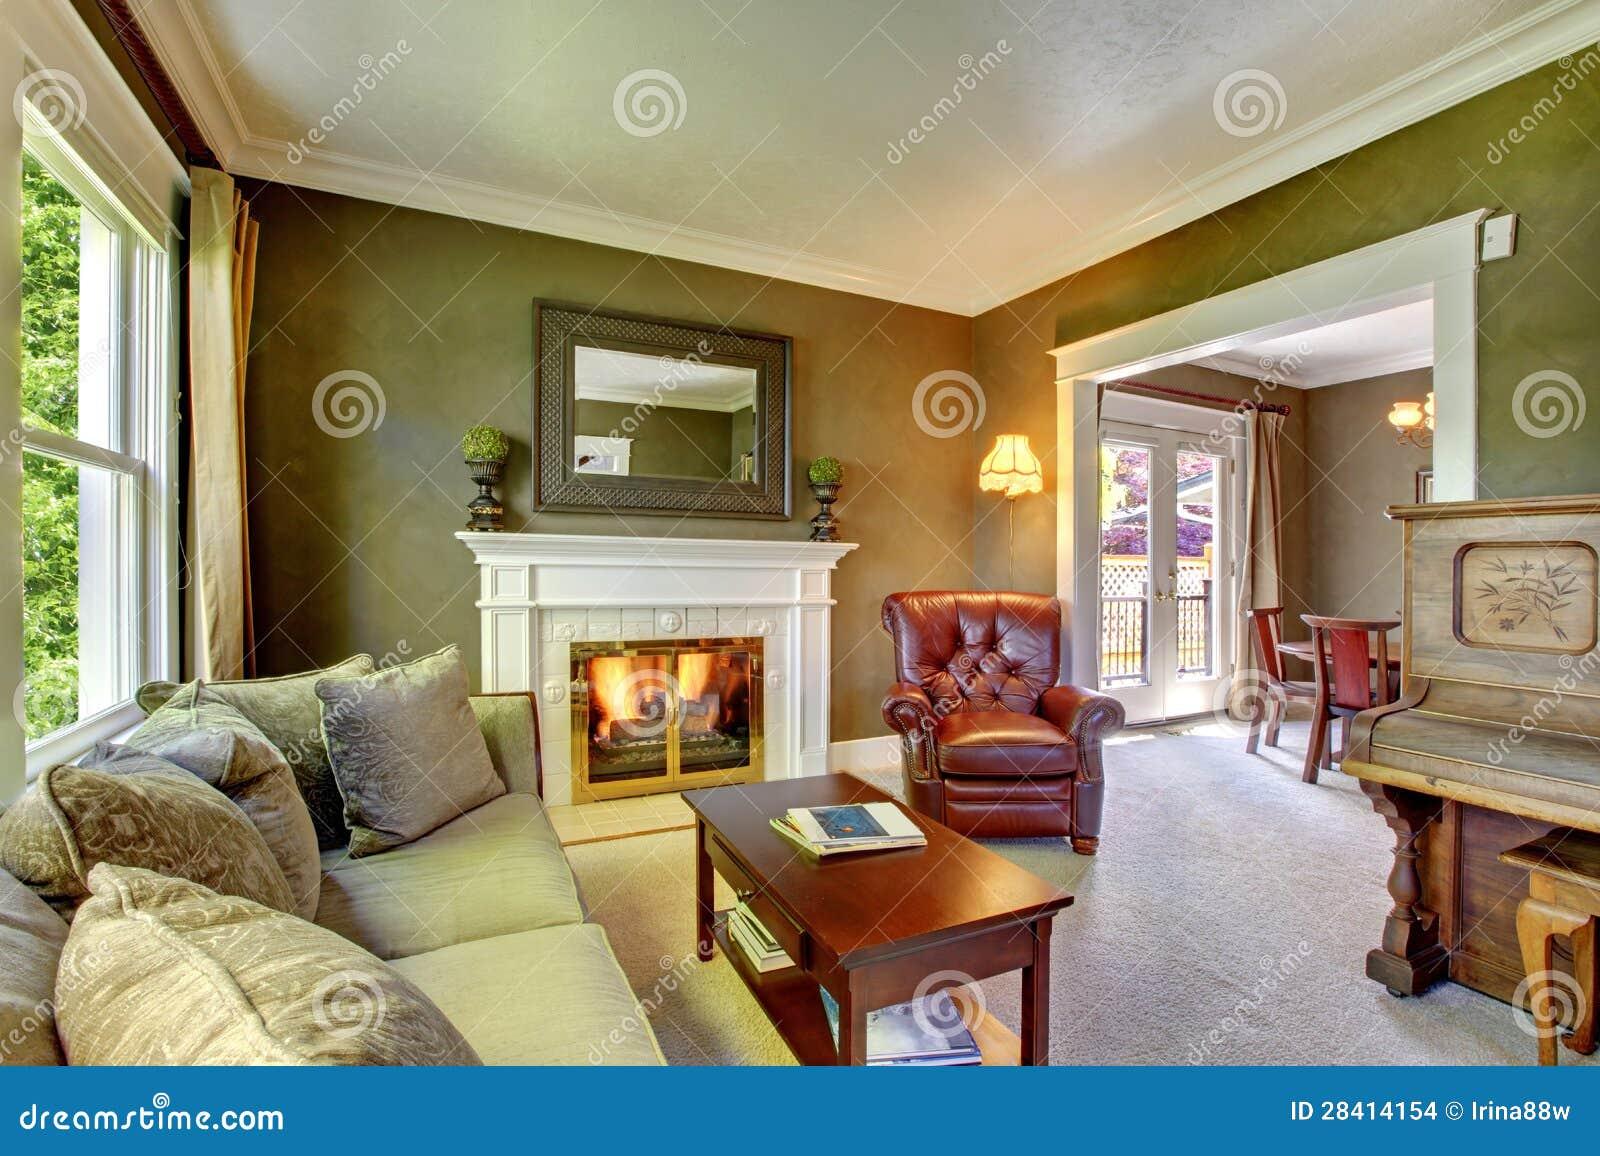 Elegantes klassisches gr nes wohnzimmer mit kamin und klavier stockbilder bild 28414154 - Elegante wohnzimmer ...